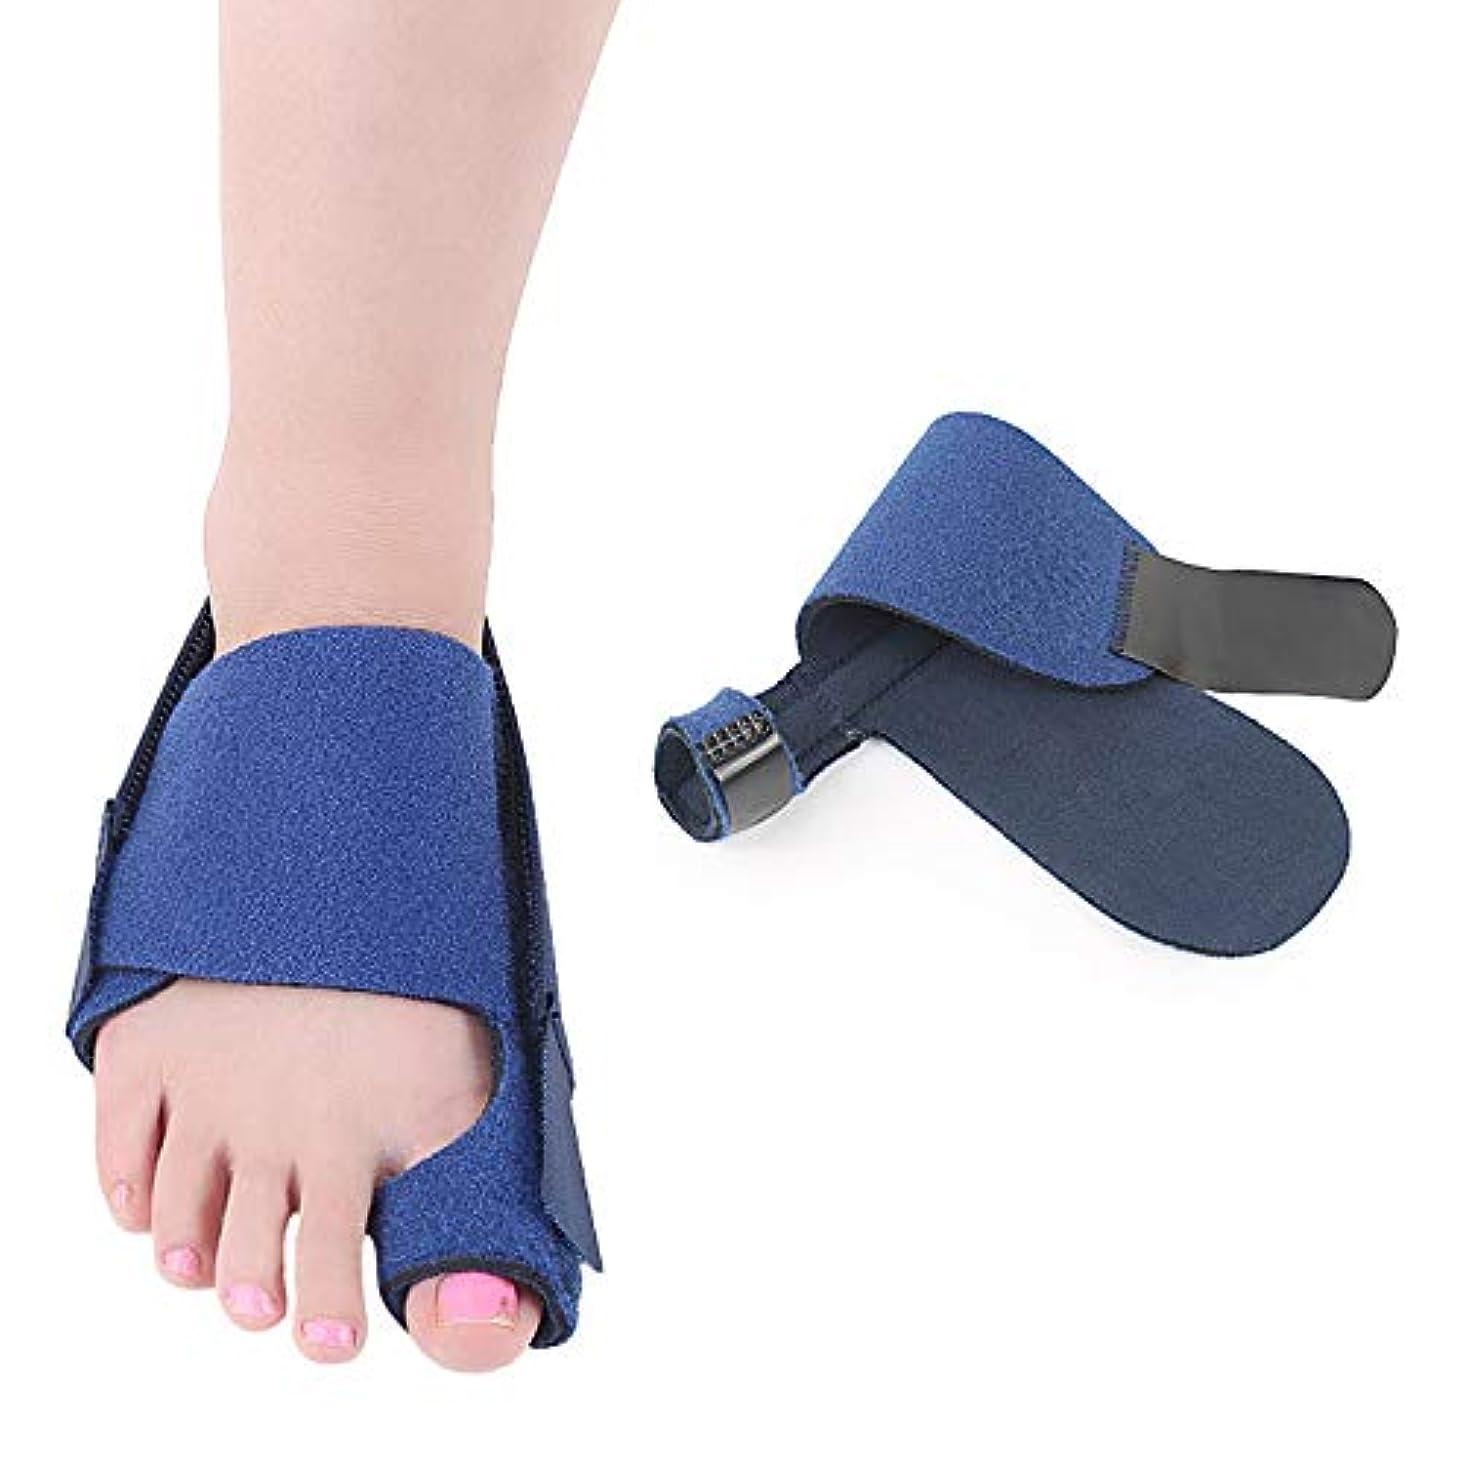 砦オークション傀儡外反母趾足指セパレーターは足指重複嚢胞通気性吸収汗ワンサイズを防止し、ヨガ後の痛みと変形を軽減,RightFoot